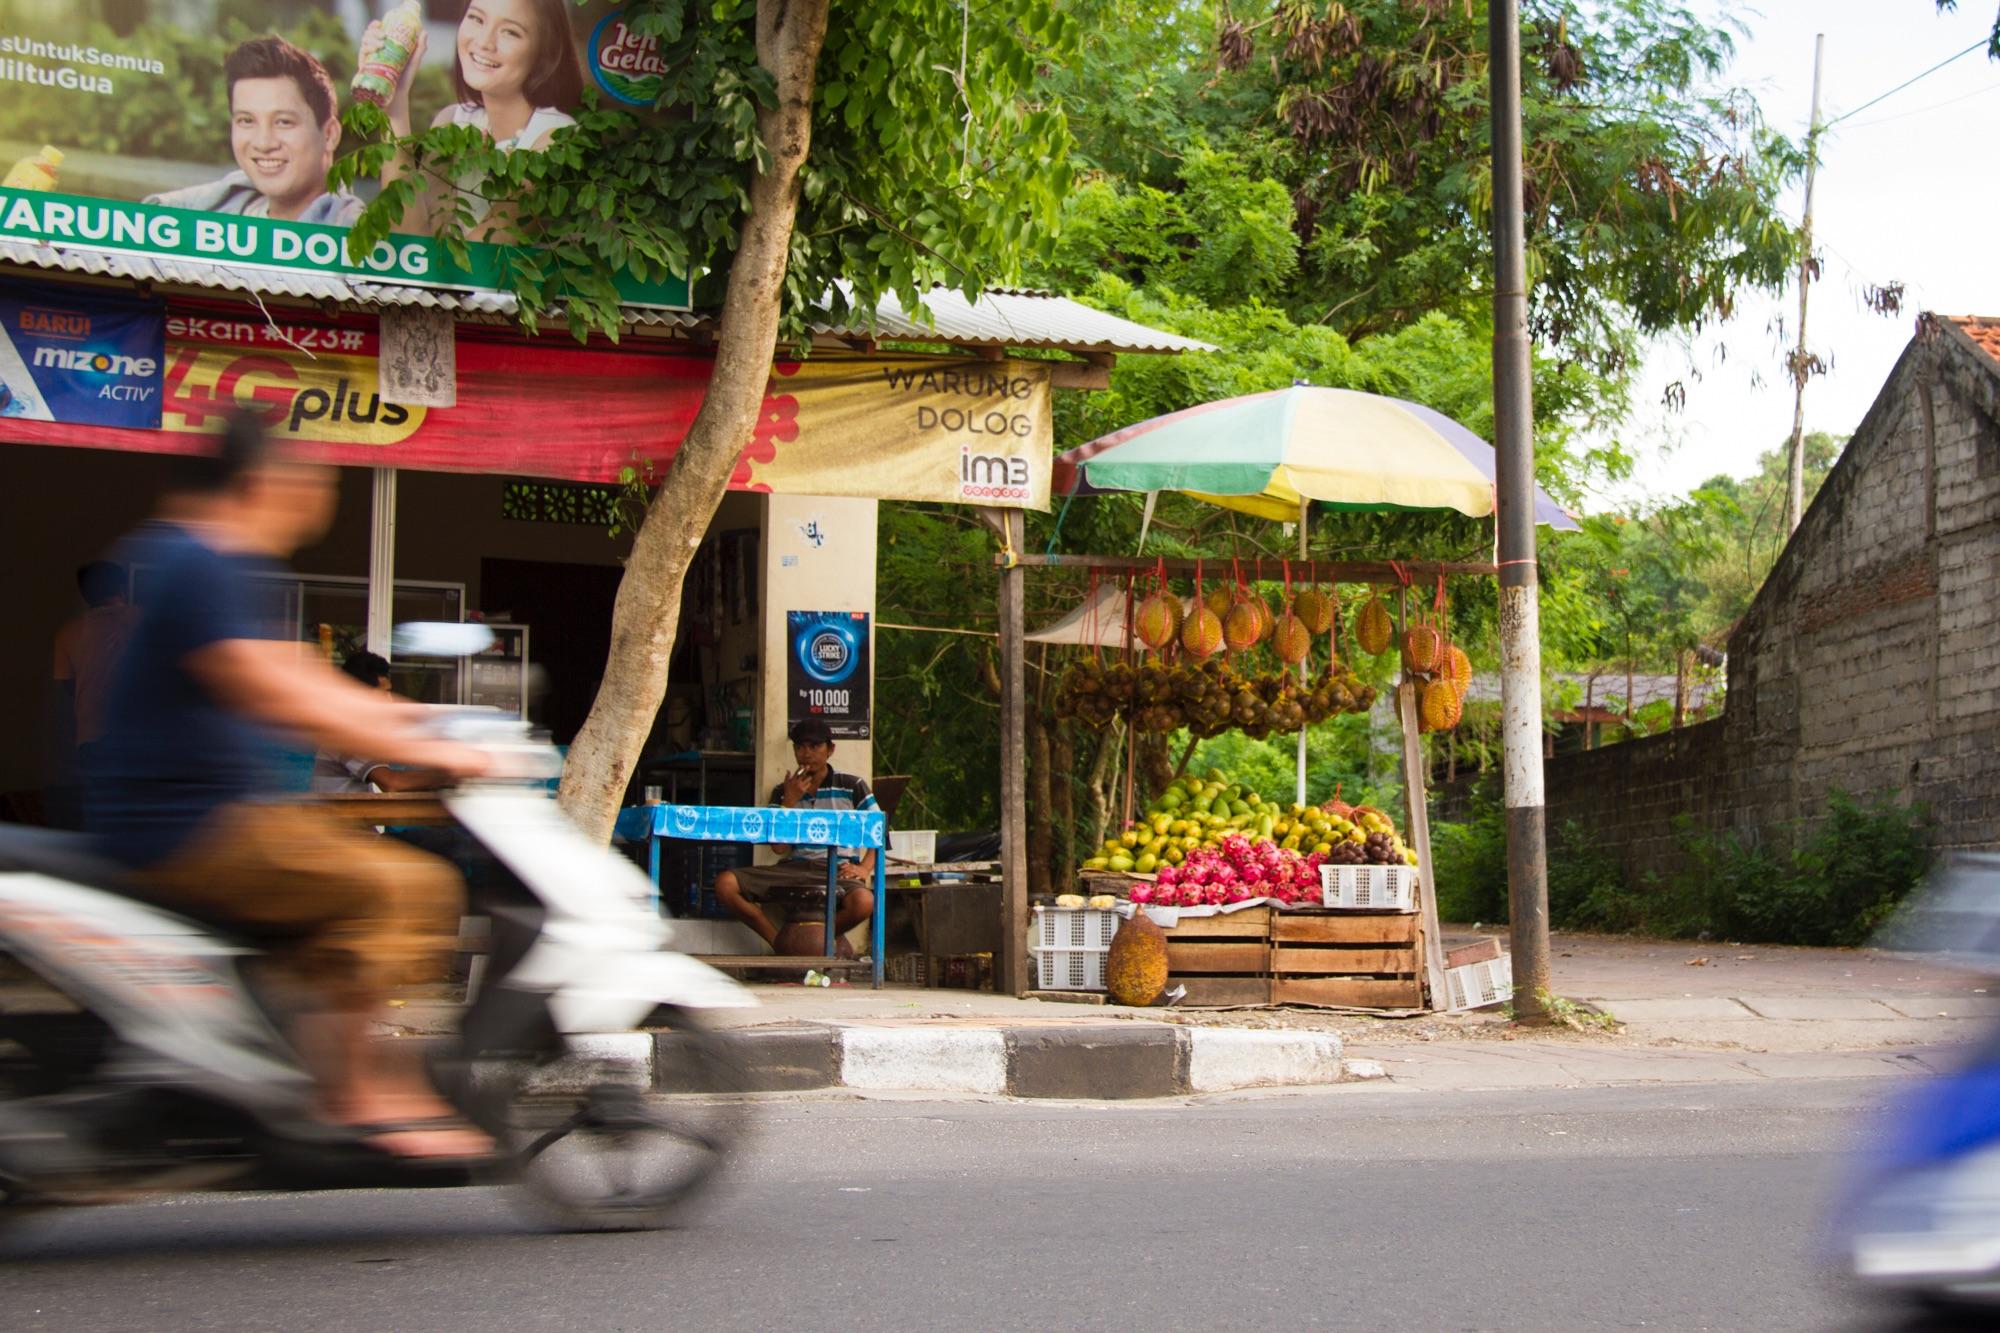 バリ島の道端で売られているドリアン